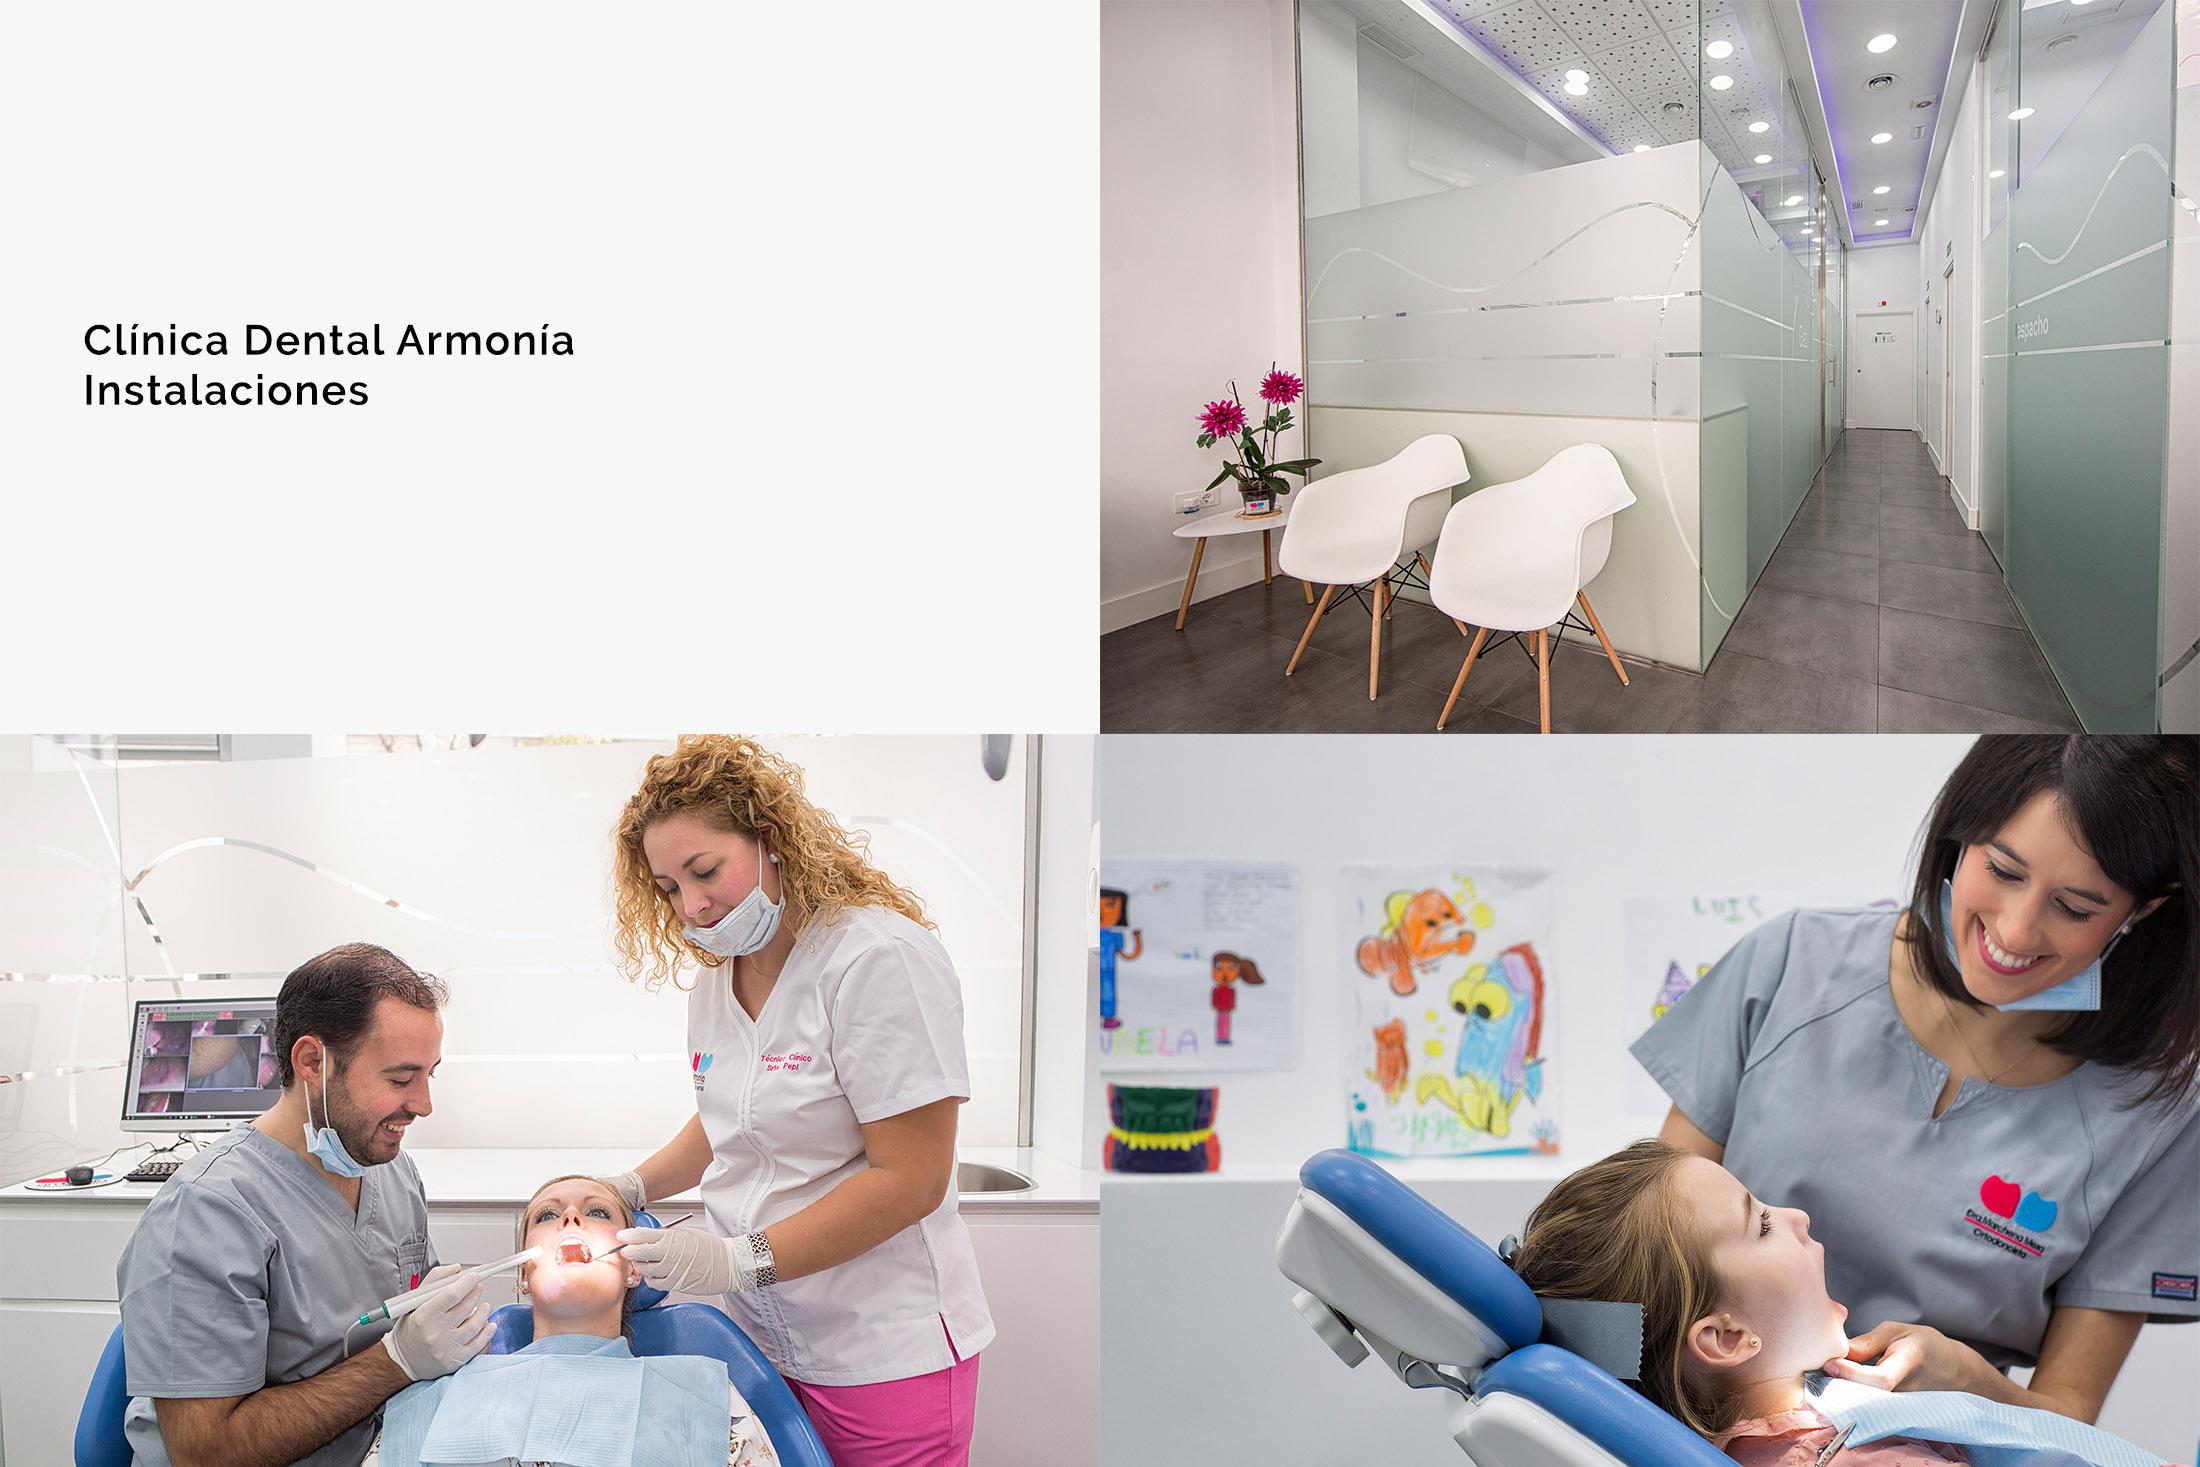 instalaciones-clinica-dental_armonia